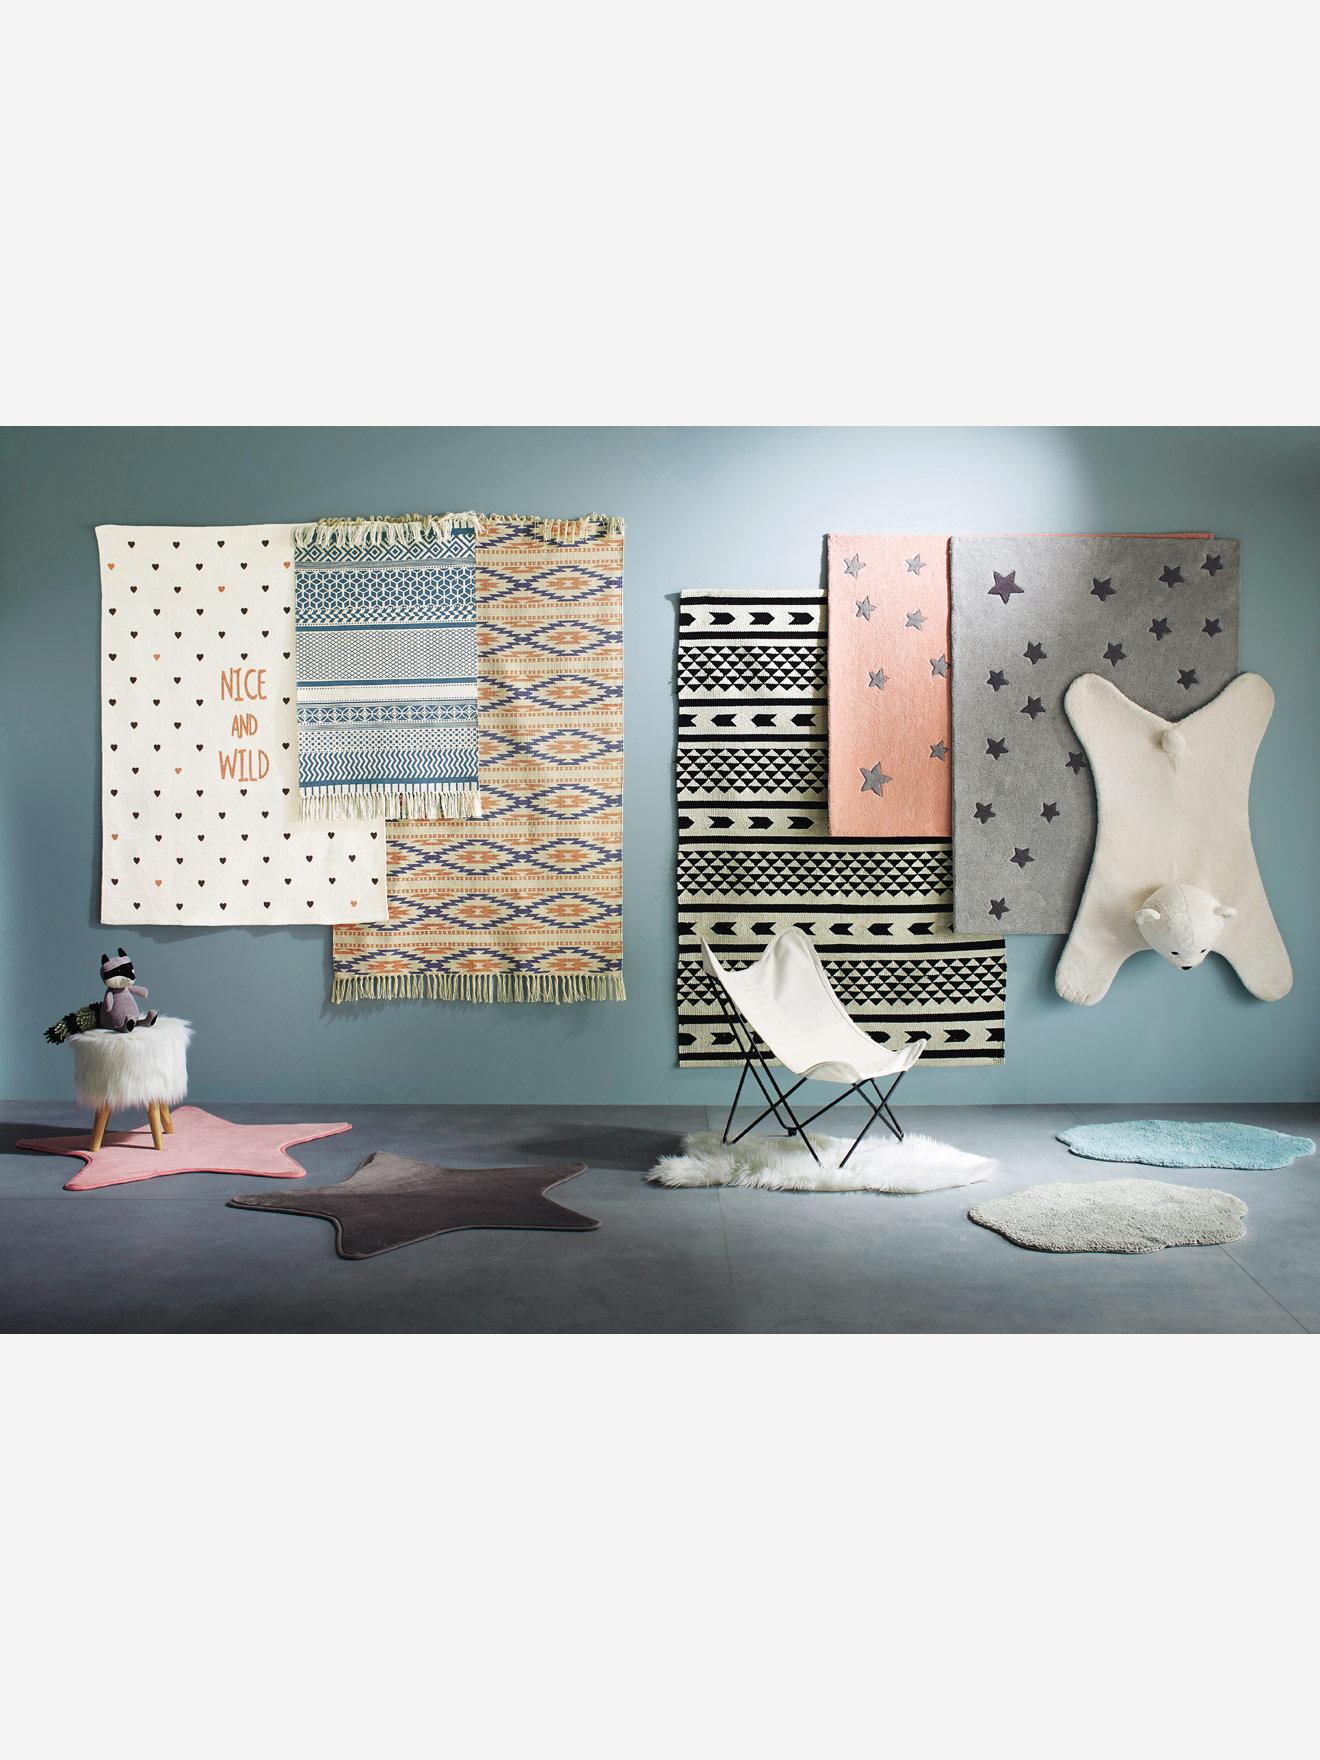 Kinderteppiche von vertbaudet in verschiedenen Formen und Farben